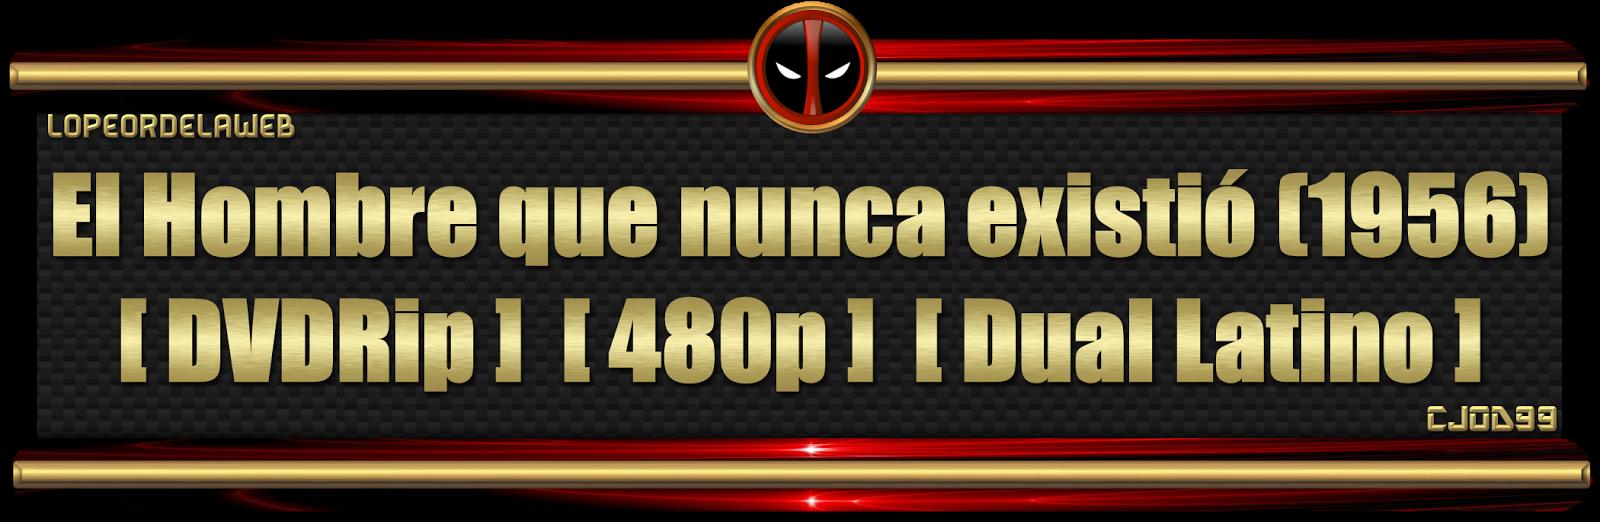 El Hombre que nunca existio (1956)[DVDRip][Dual Latino]